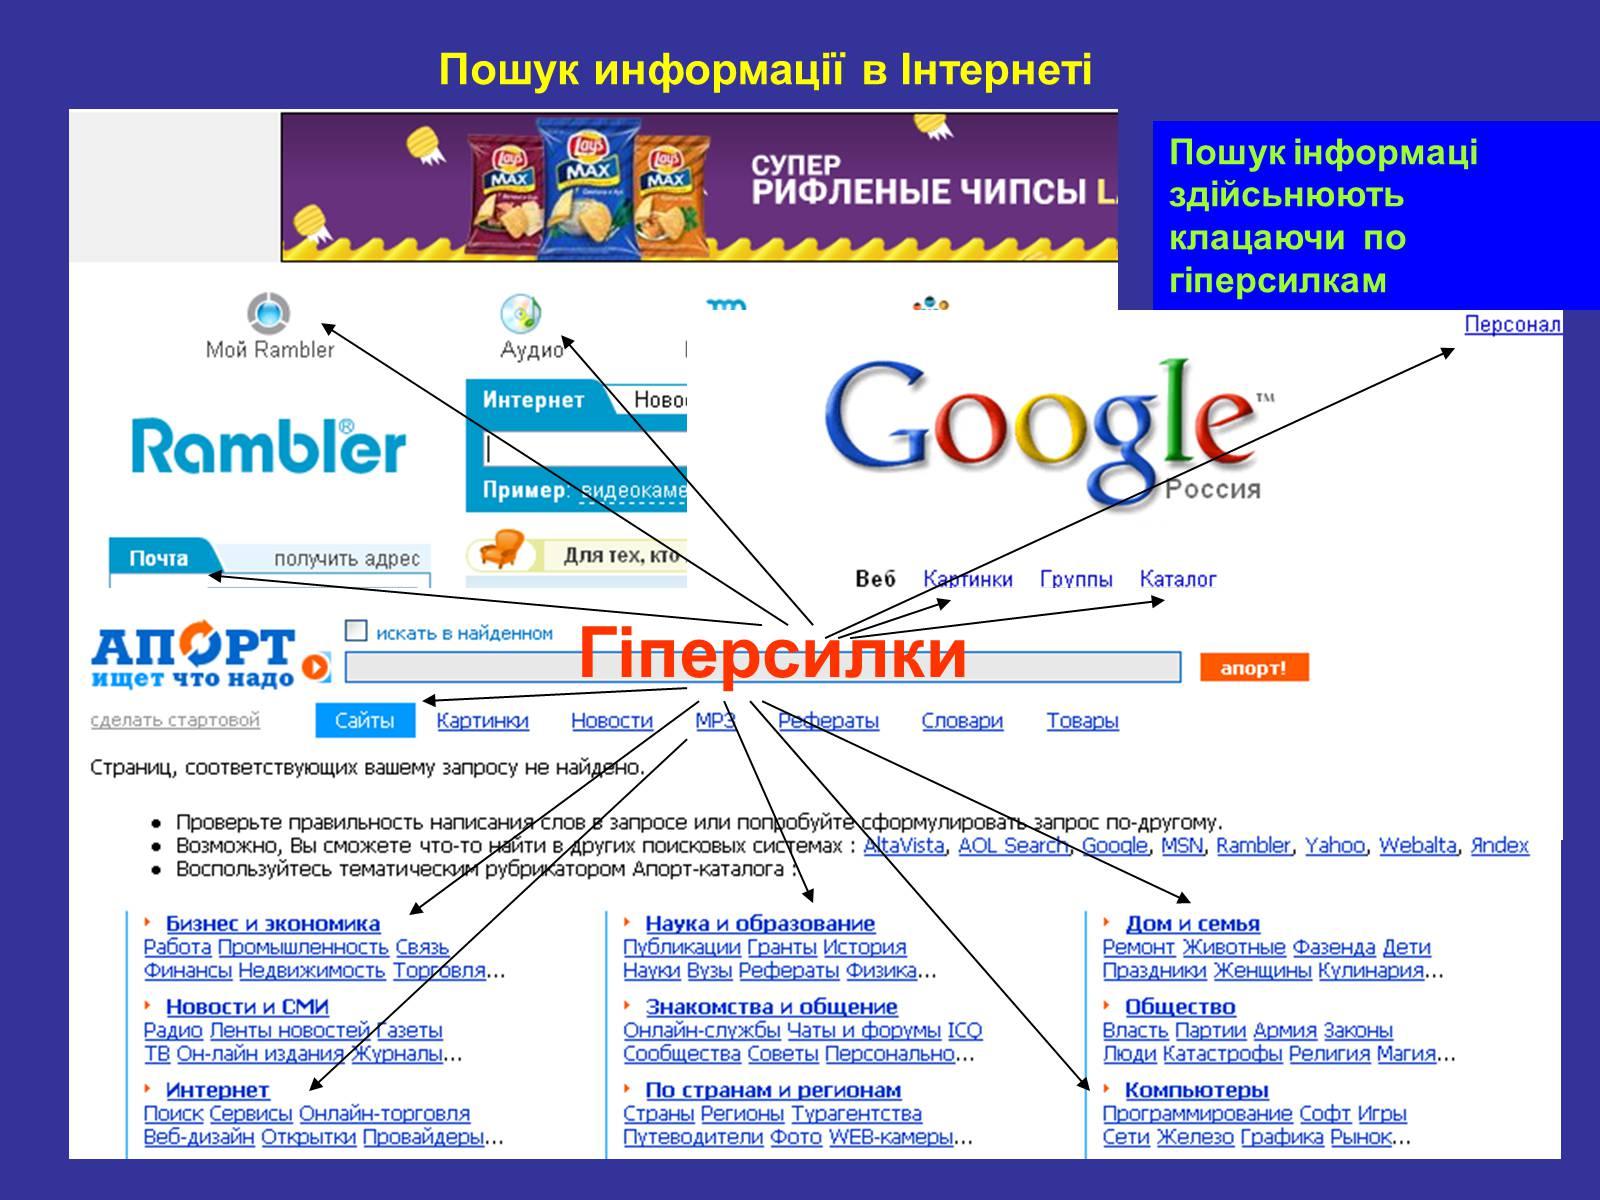 Как сделать поиск в интернете